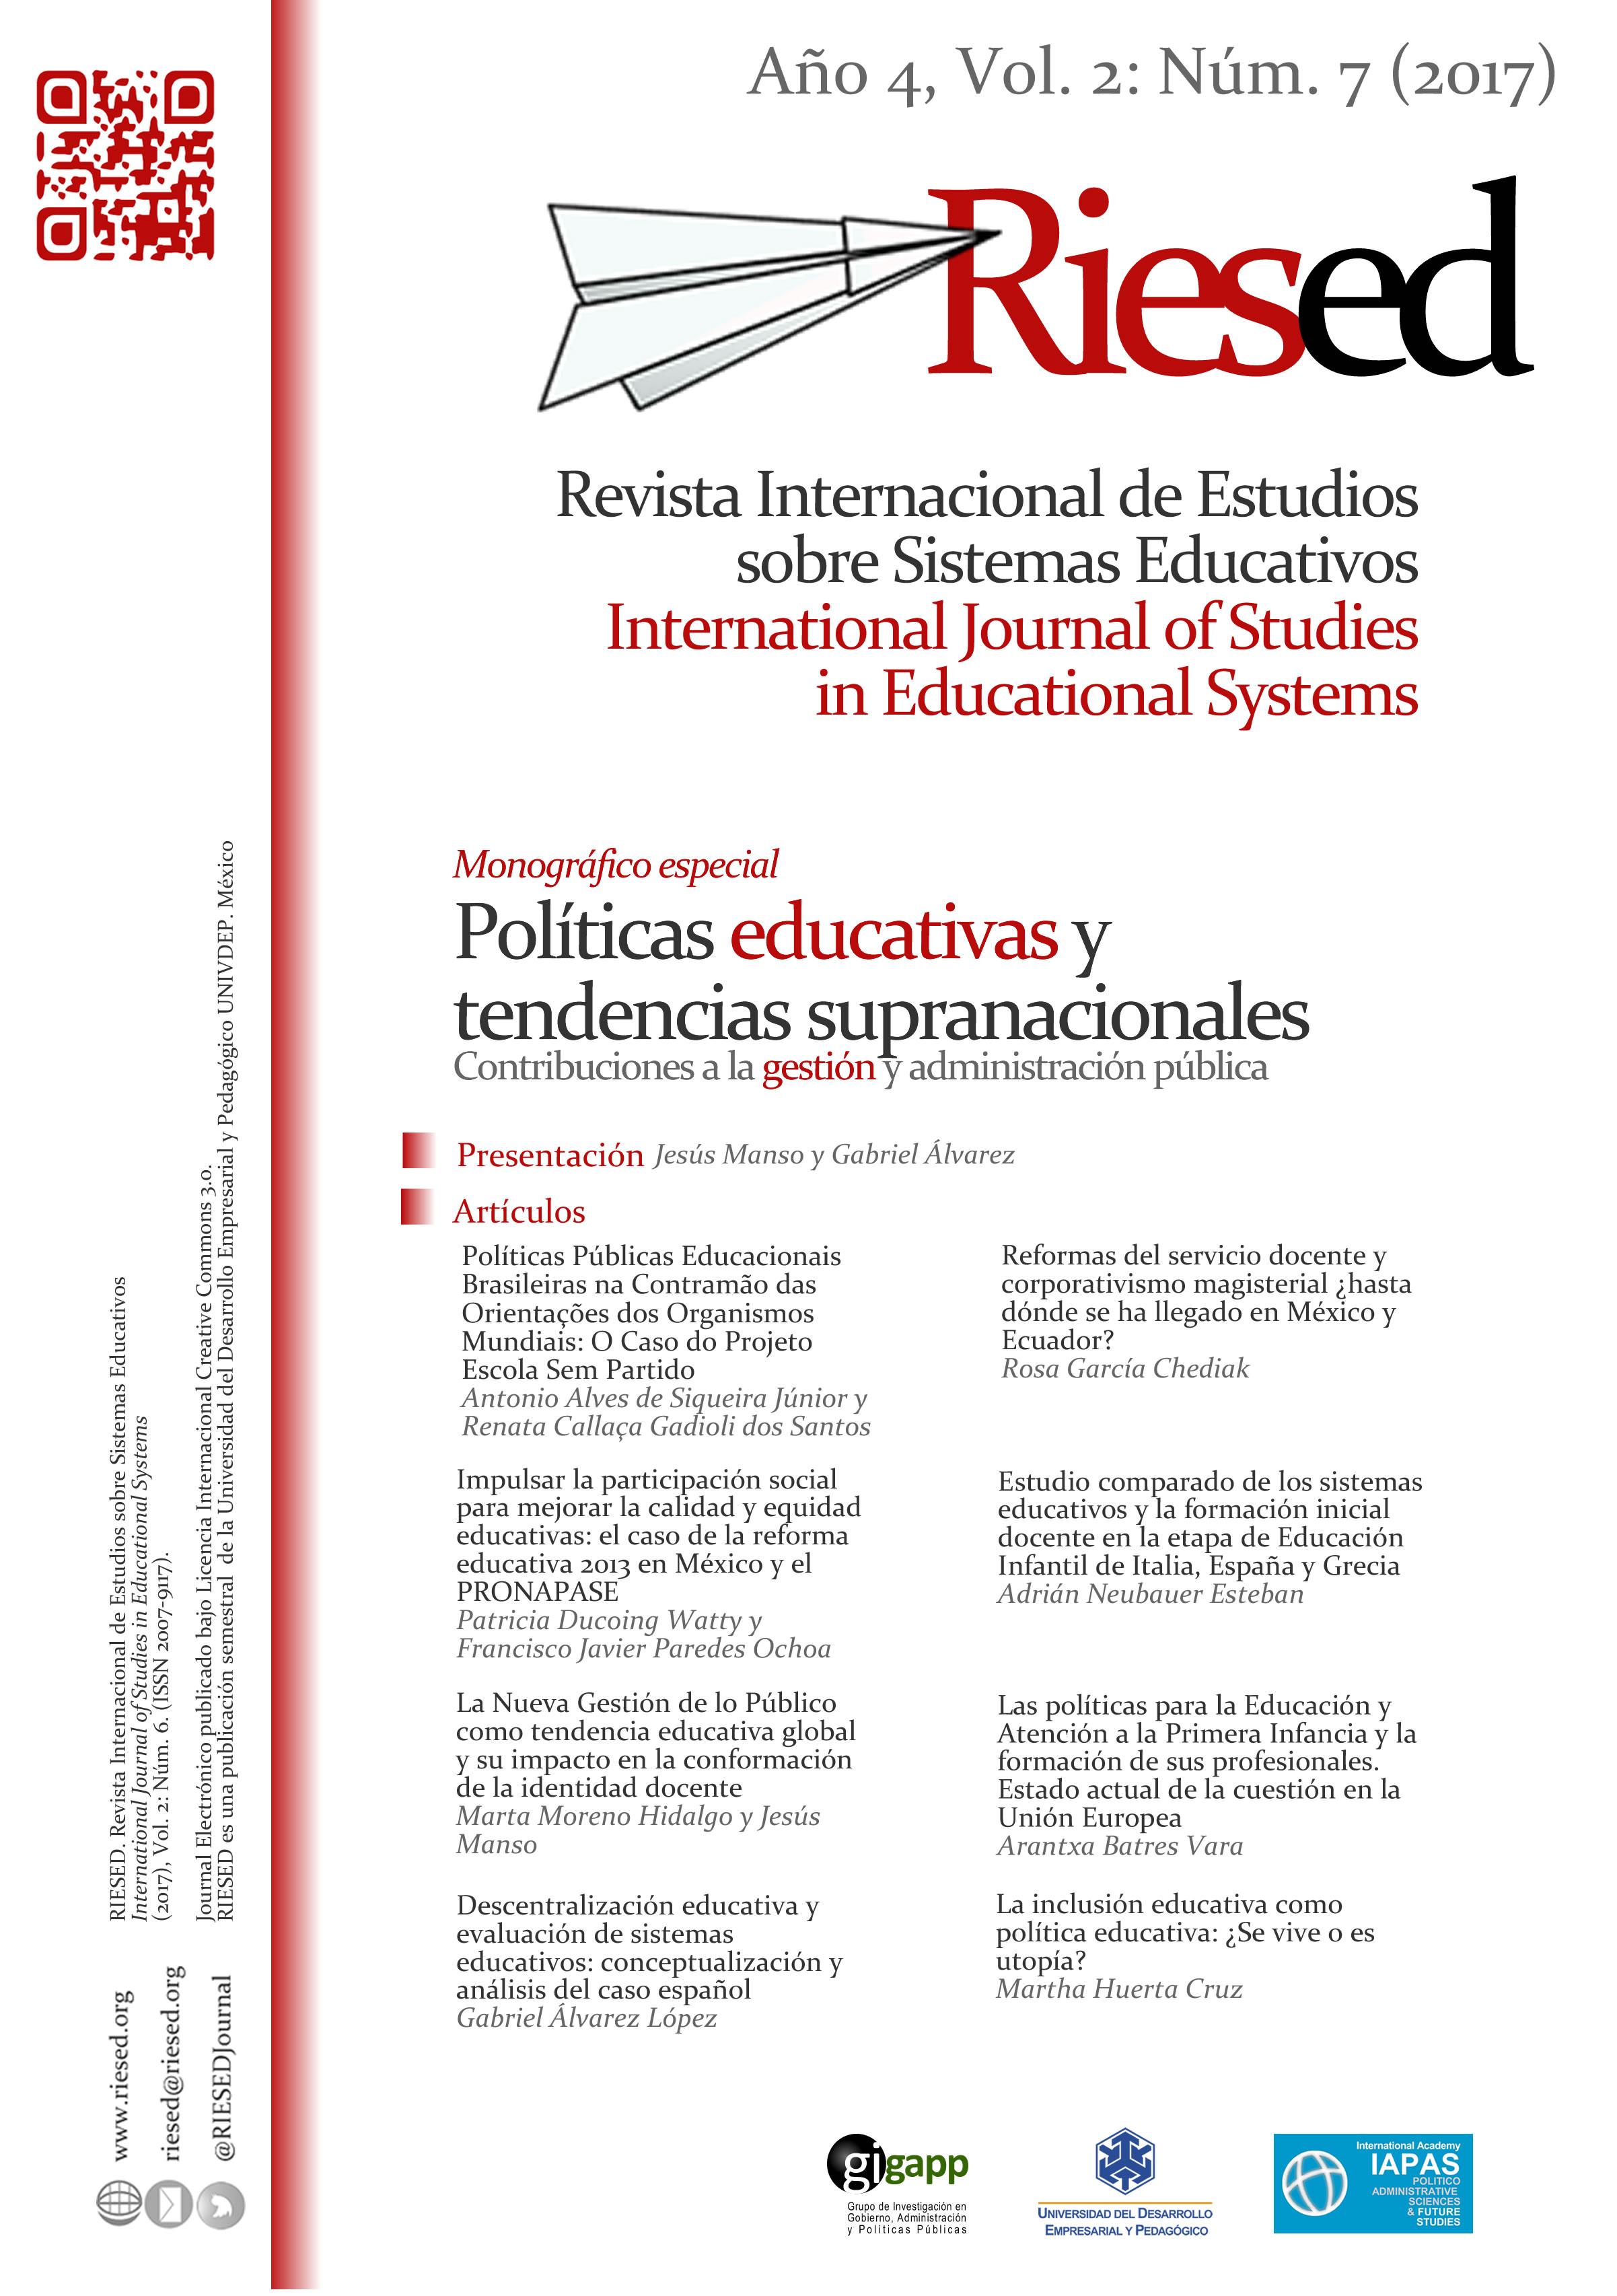 Políticas educativas y tendencias supranacionales: contribuciones a la gestión y administración pública